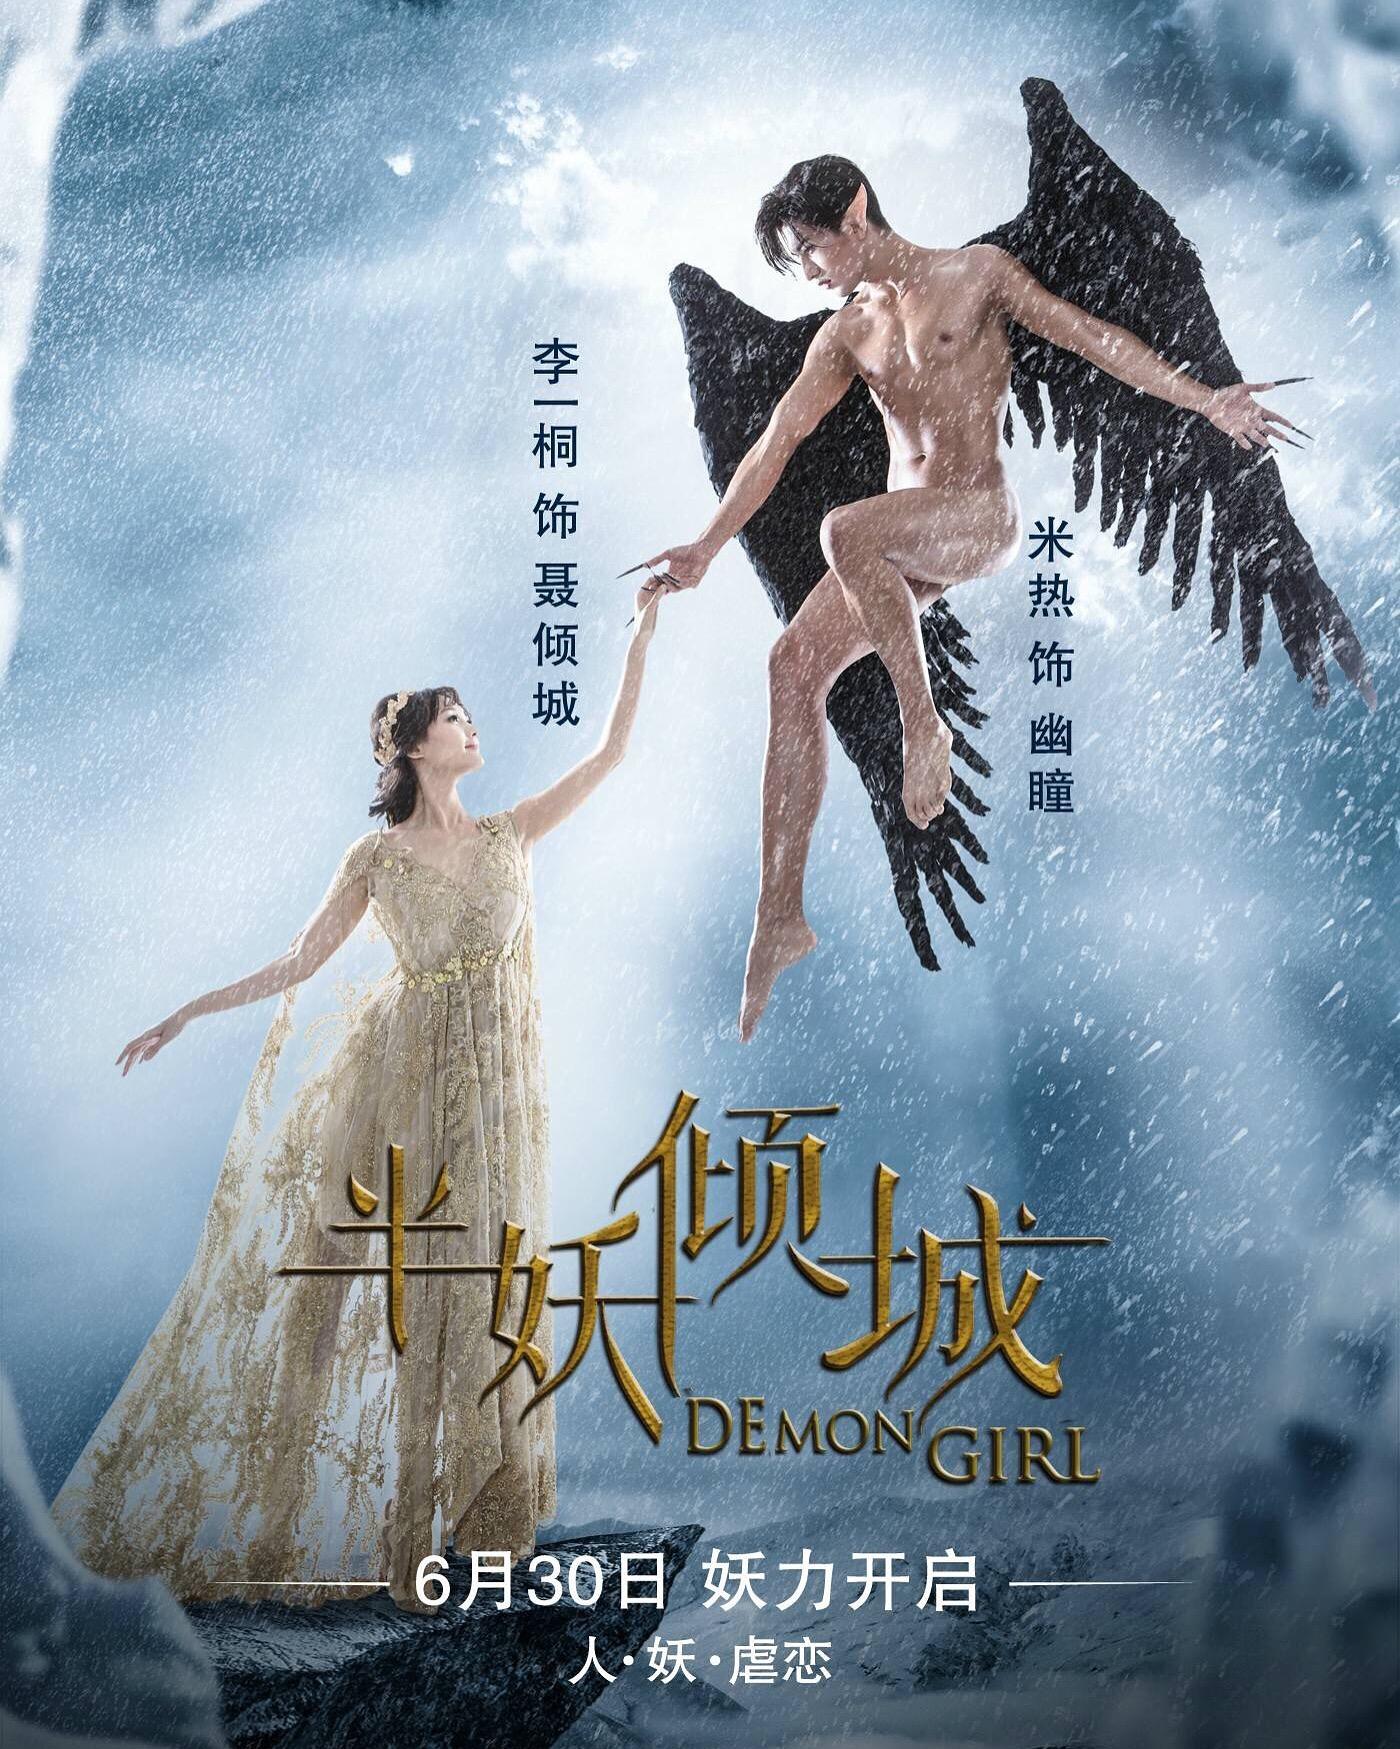 دانلود زیرنویس فارسی سریال Demon Girl